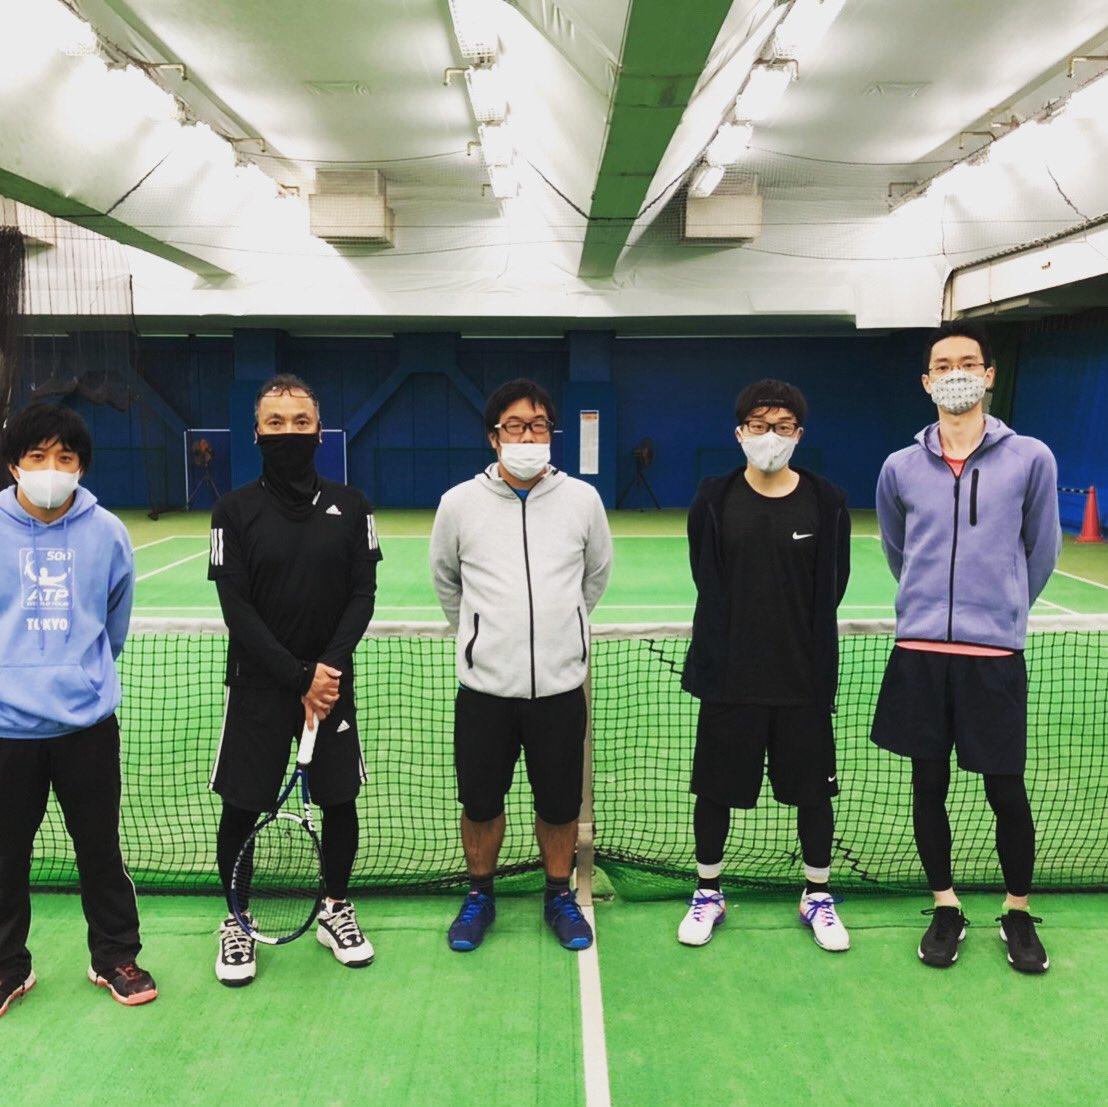 テニススクールイベント 男子シングルス「鉄人トーナメント」報告